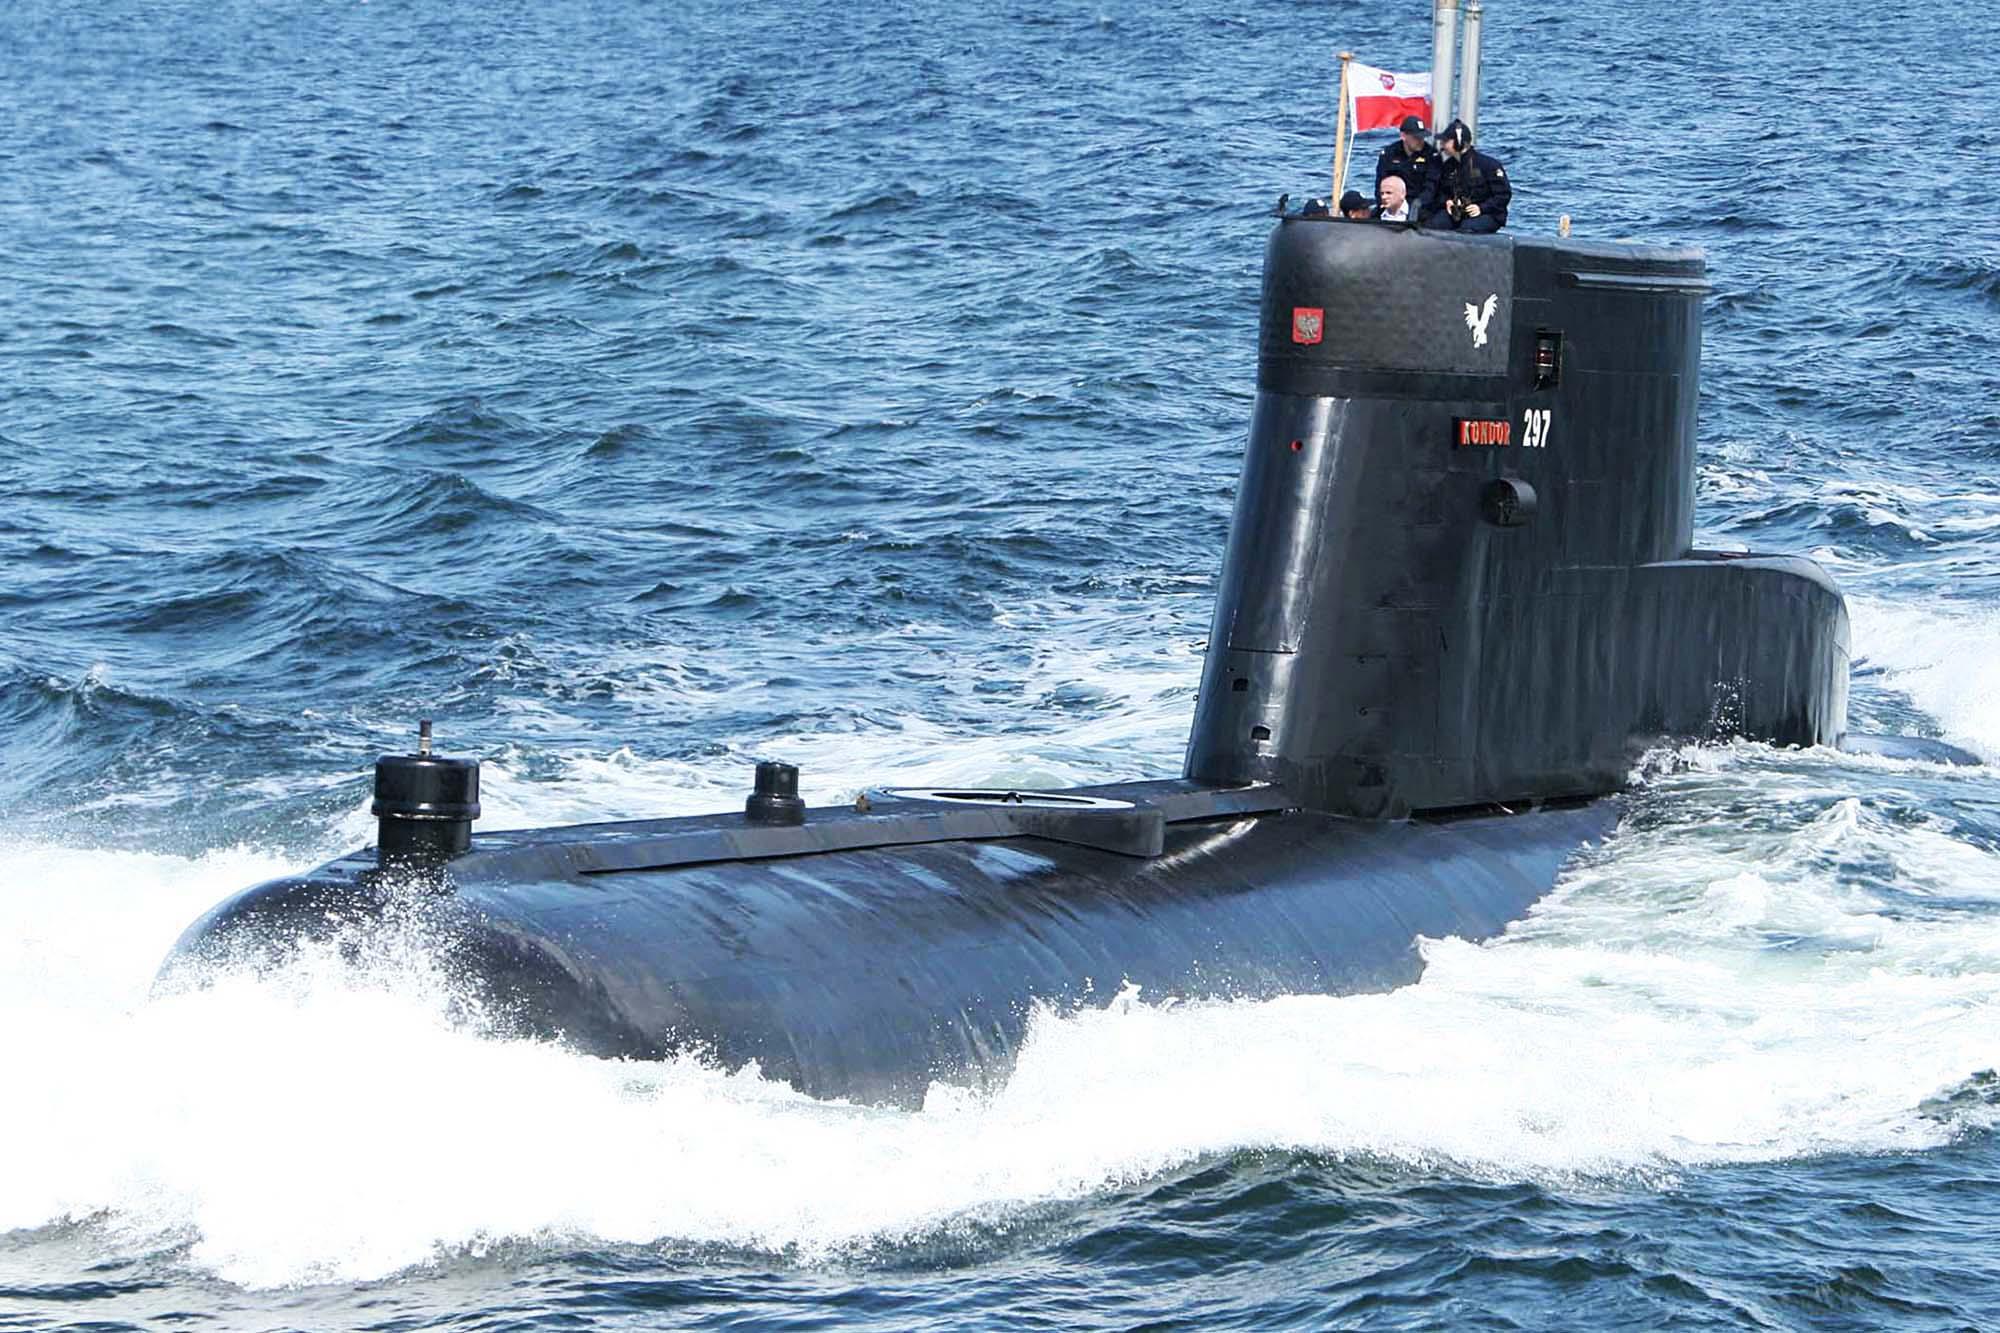 ANALIZA: Dokąd płynie Marynarka Wojenna?